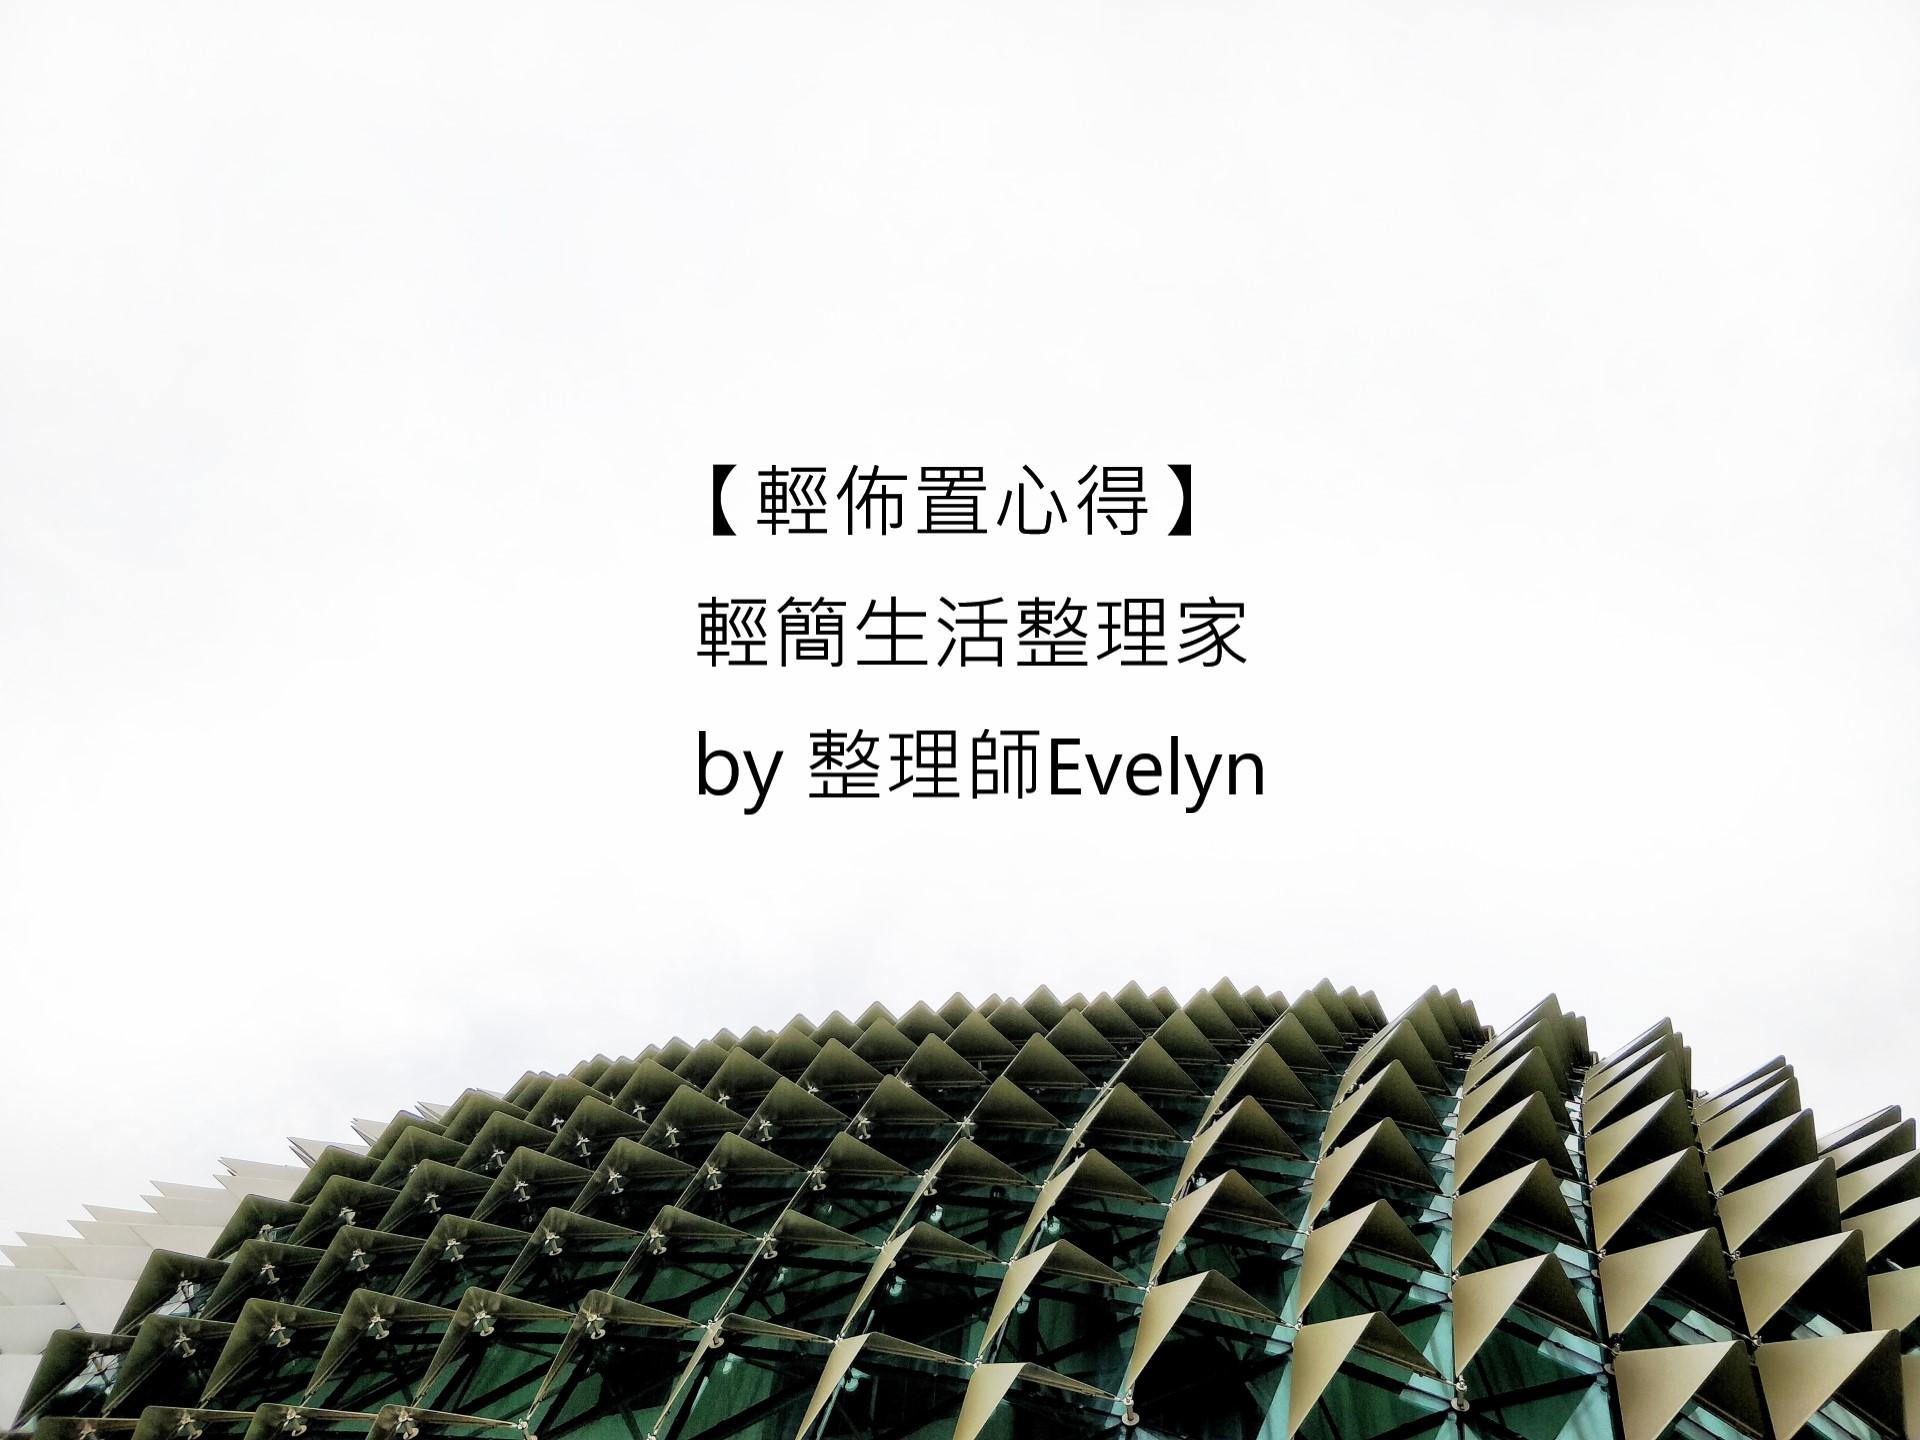 【輕佈置心得】輕簡生活整理家-整理師Evelyn 1